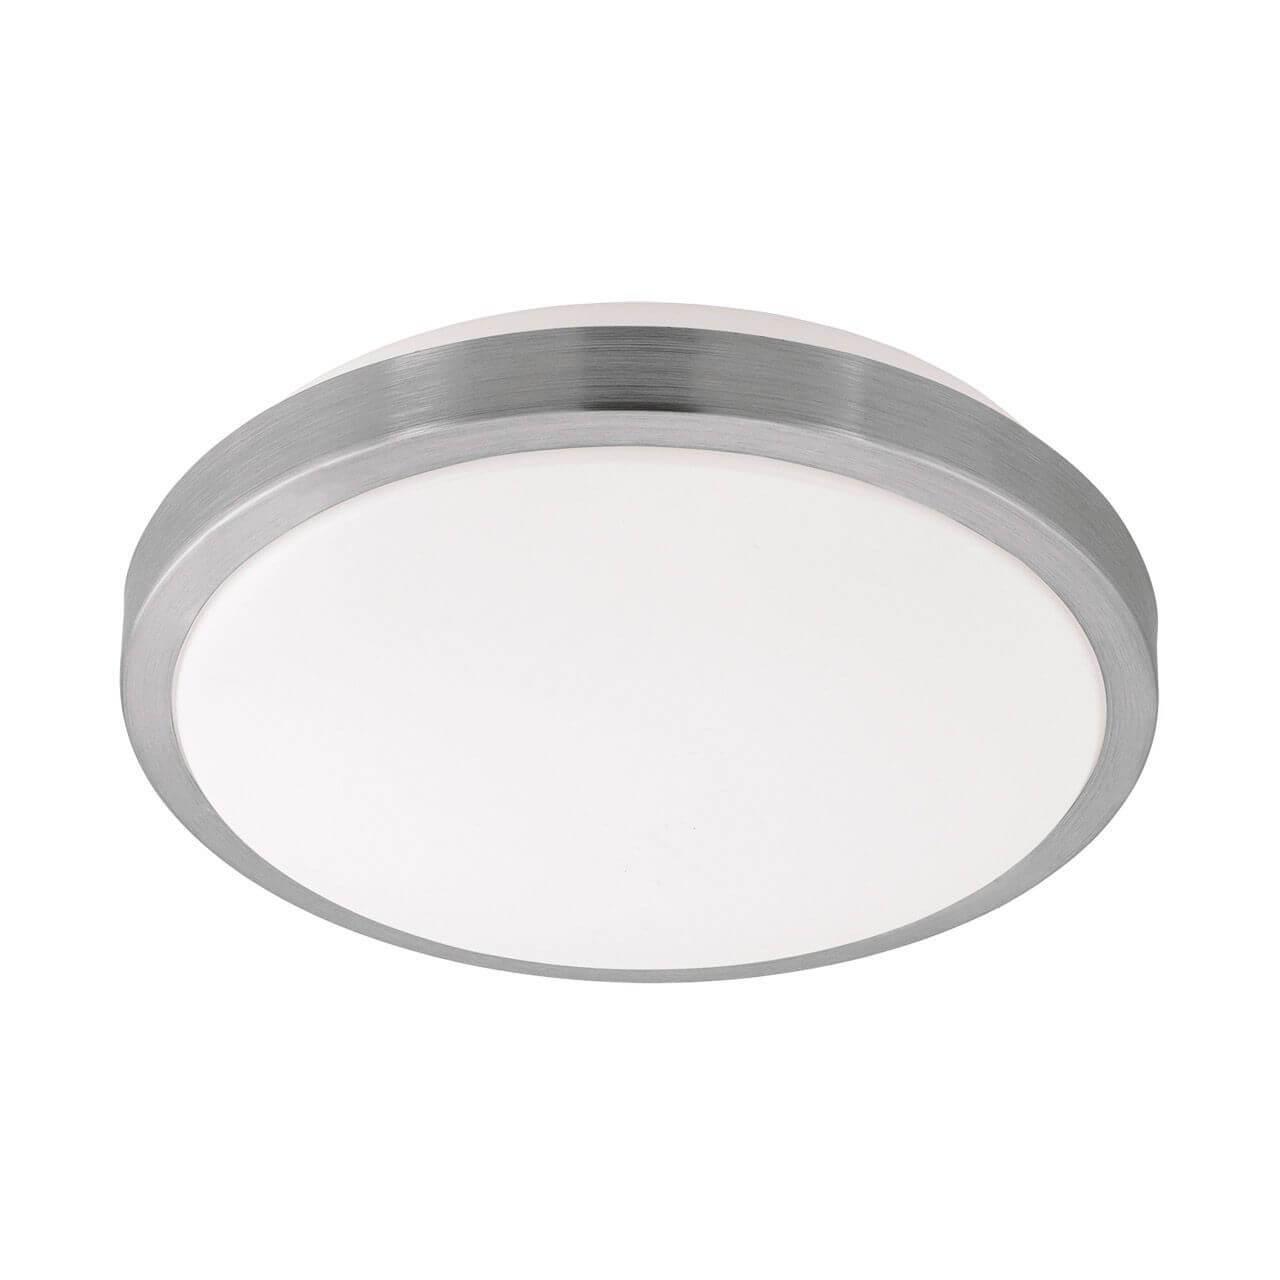 Накладной светильник Eglo 96033, LED, 22 Вт потолочный светодиодный светильник eglo competa 1 95679